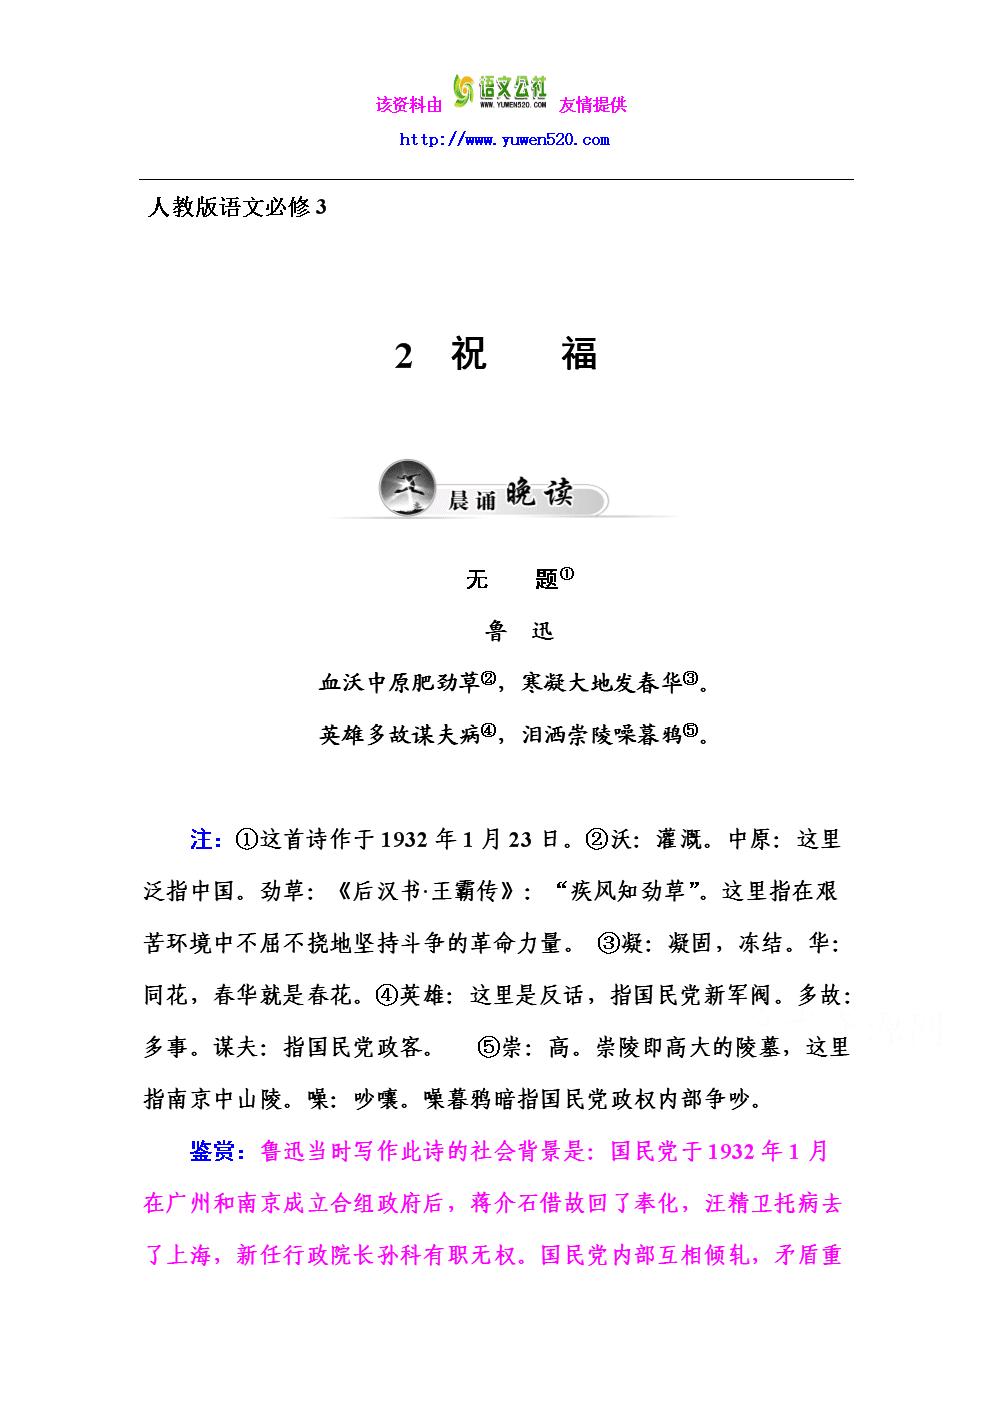 人教版语文必修三:第2课《祝福》同步练习(含答案).doc